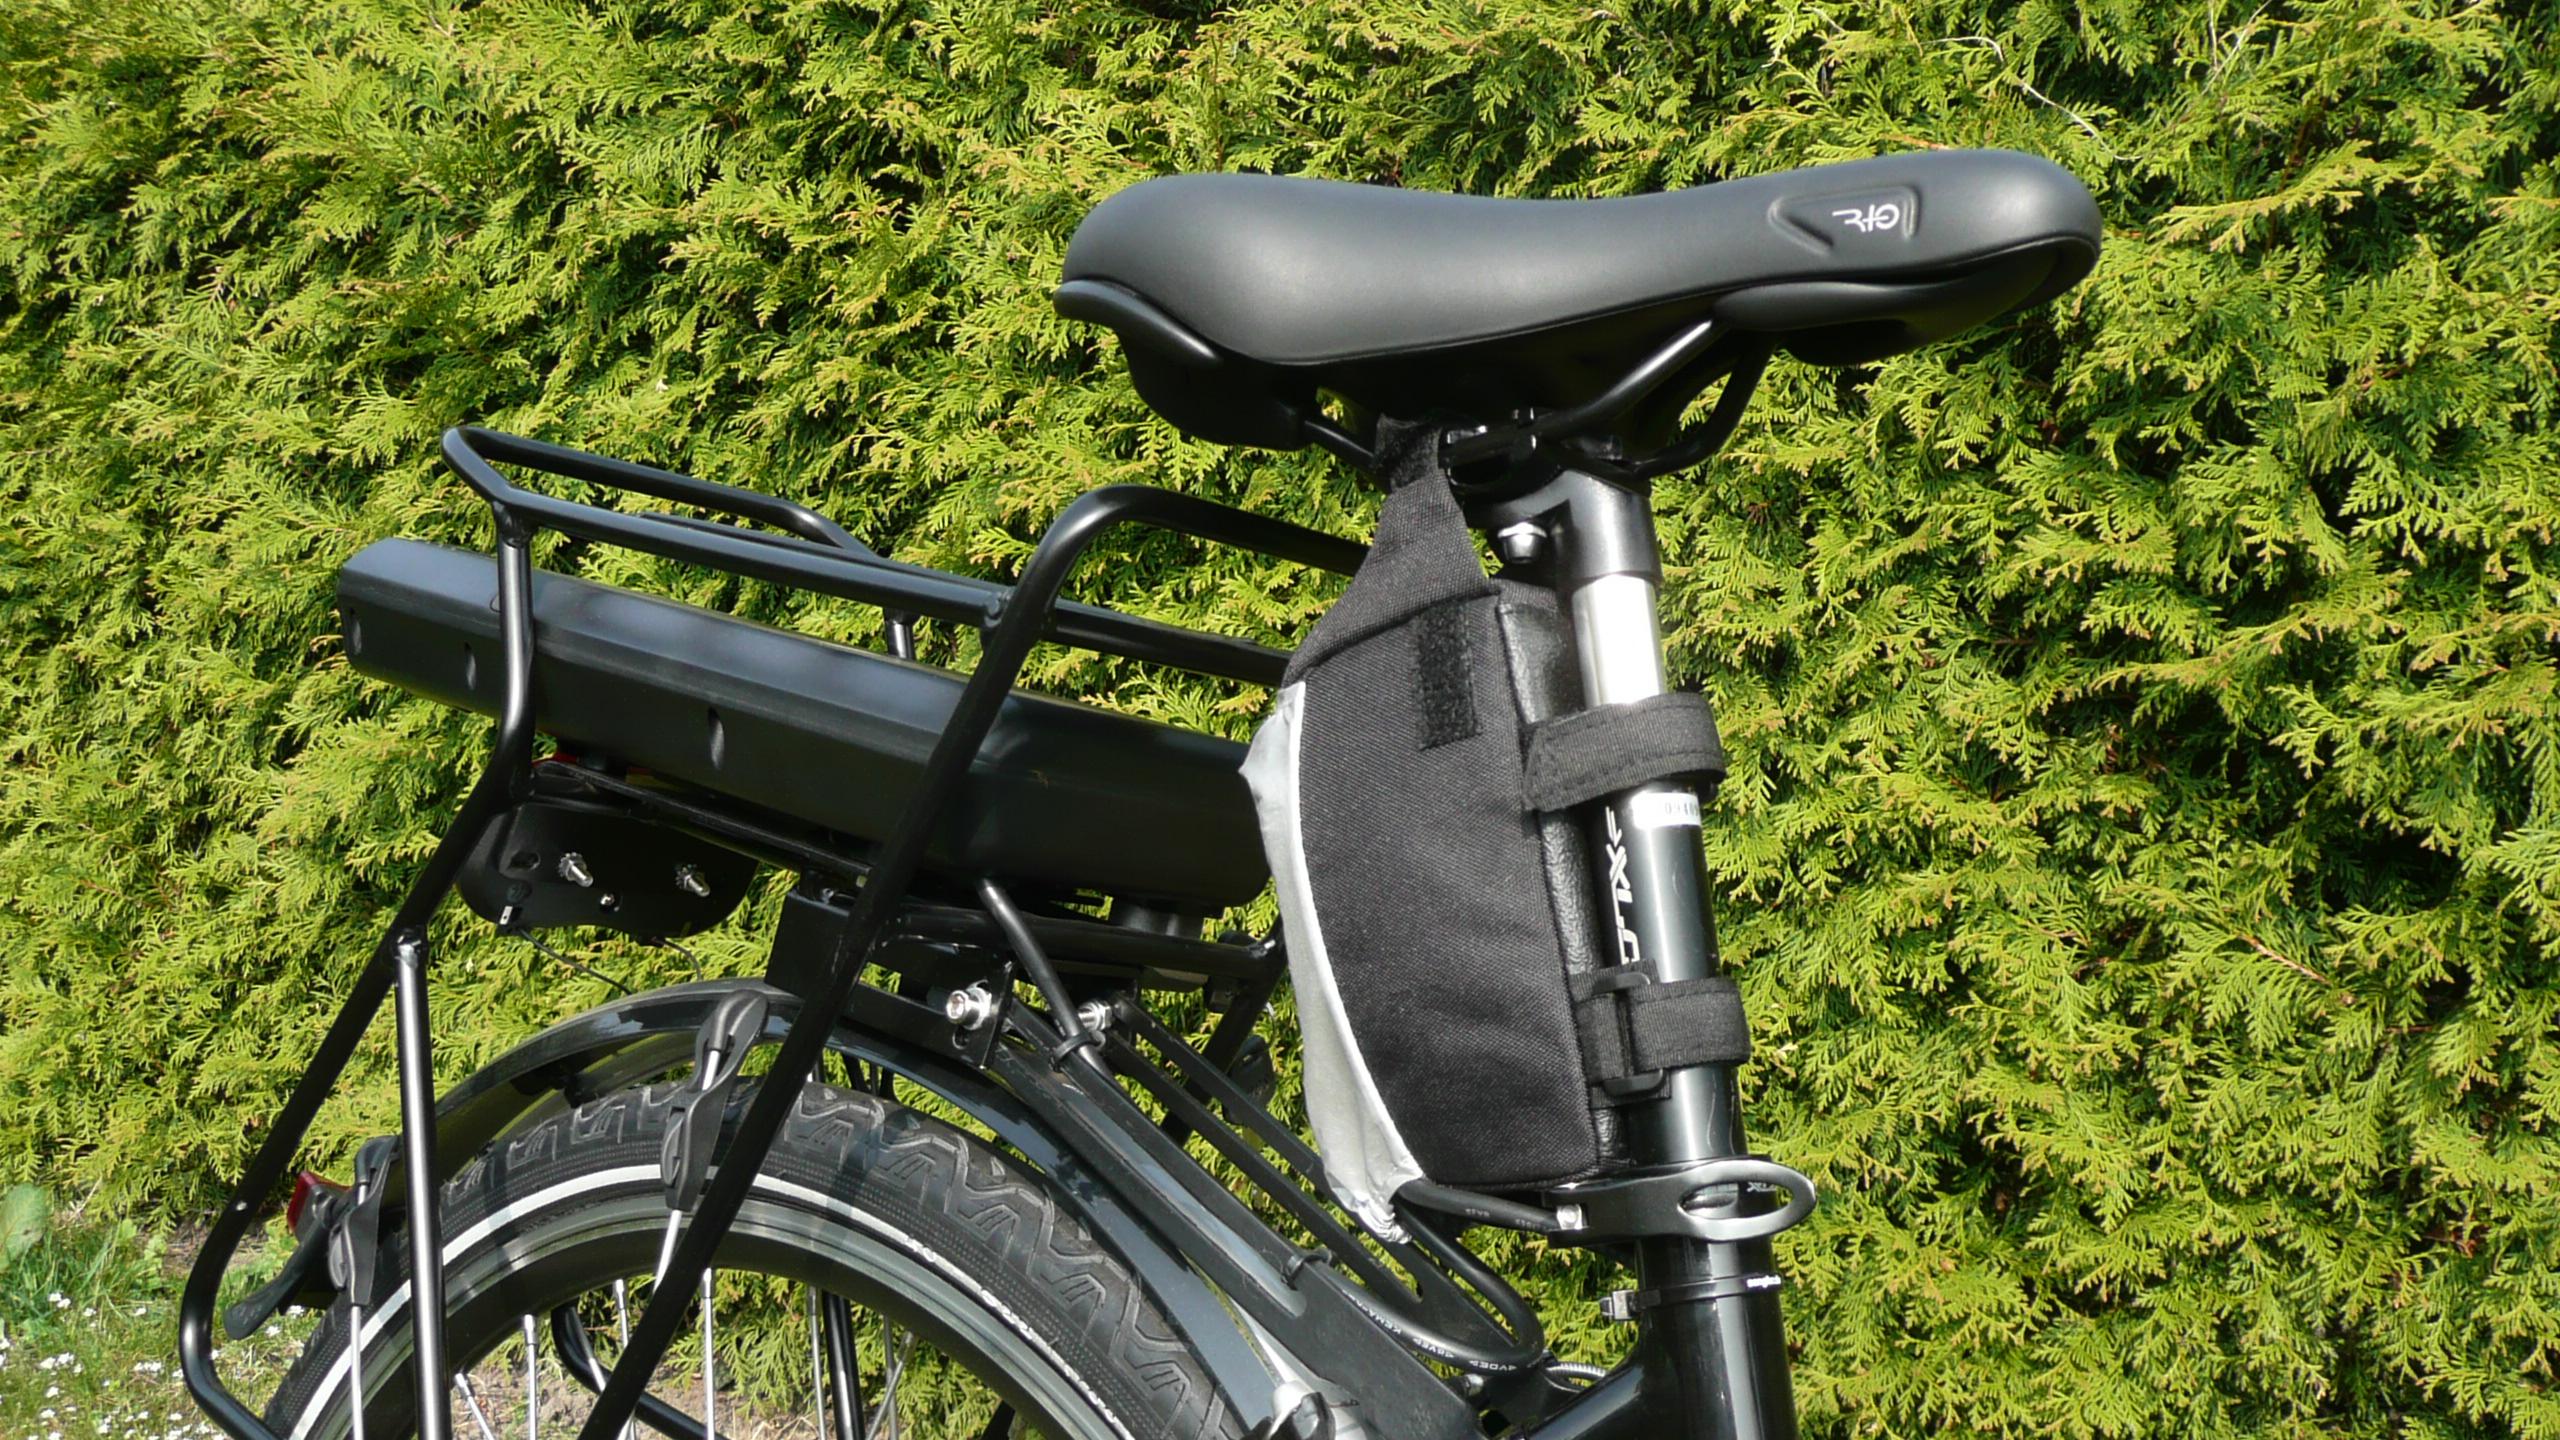 Unterbringung von Gepäckträger-Akku und Controller in der Satteltasche